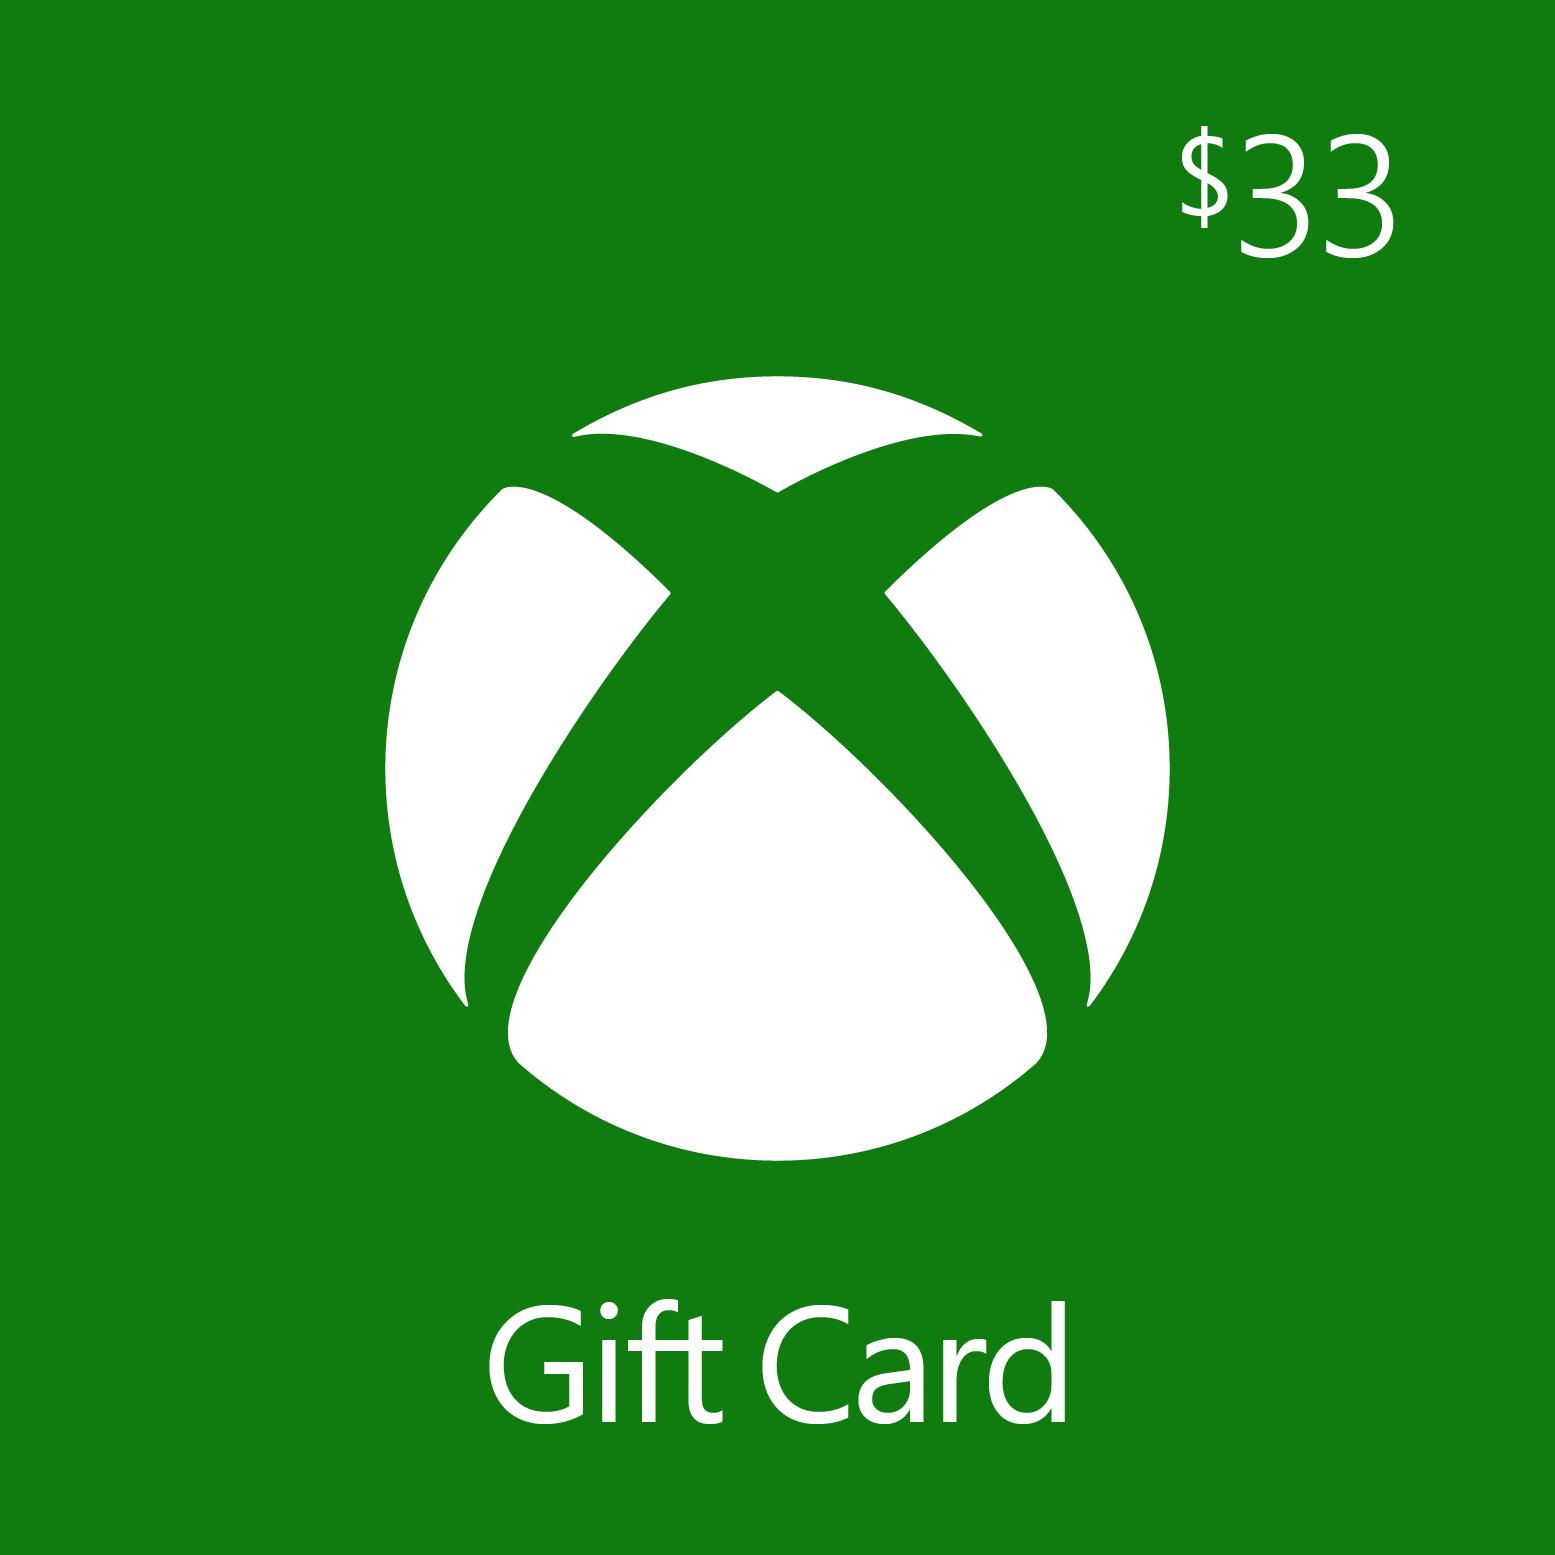 $33.00 Xbox Digital Gift Card